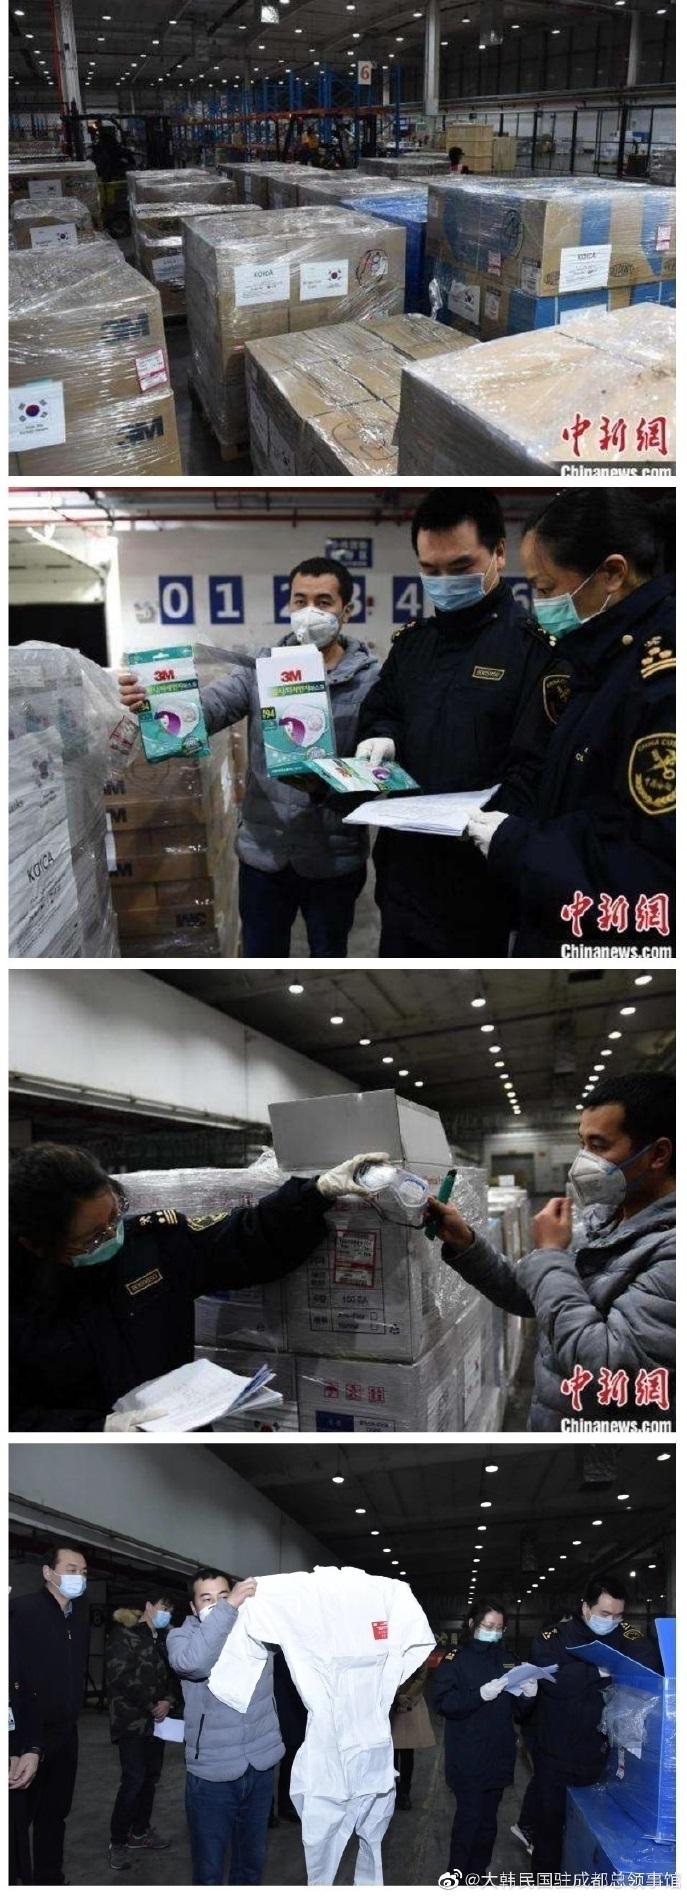 你滴答我,我哗啦你!重庆回赠韩国釜山6万只口罩